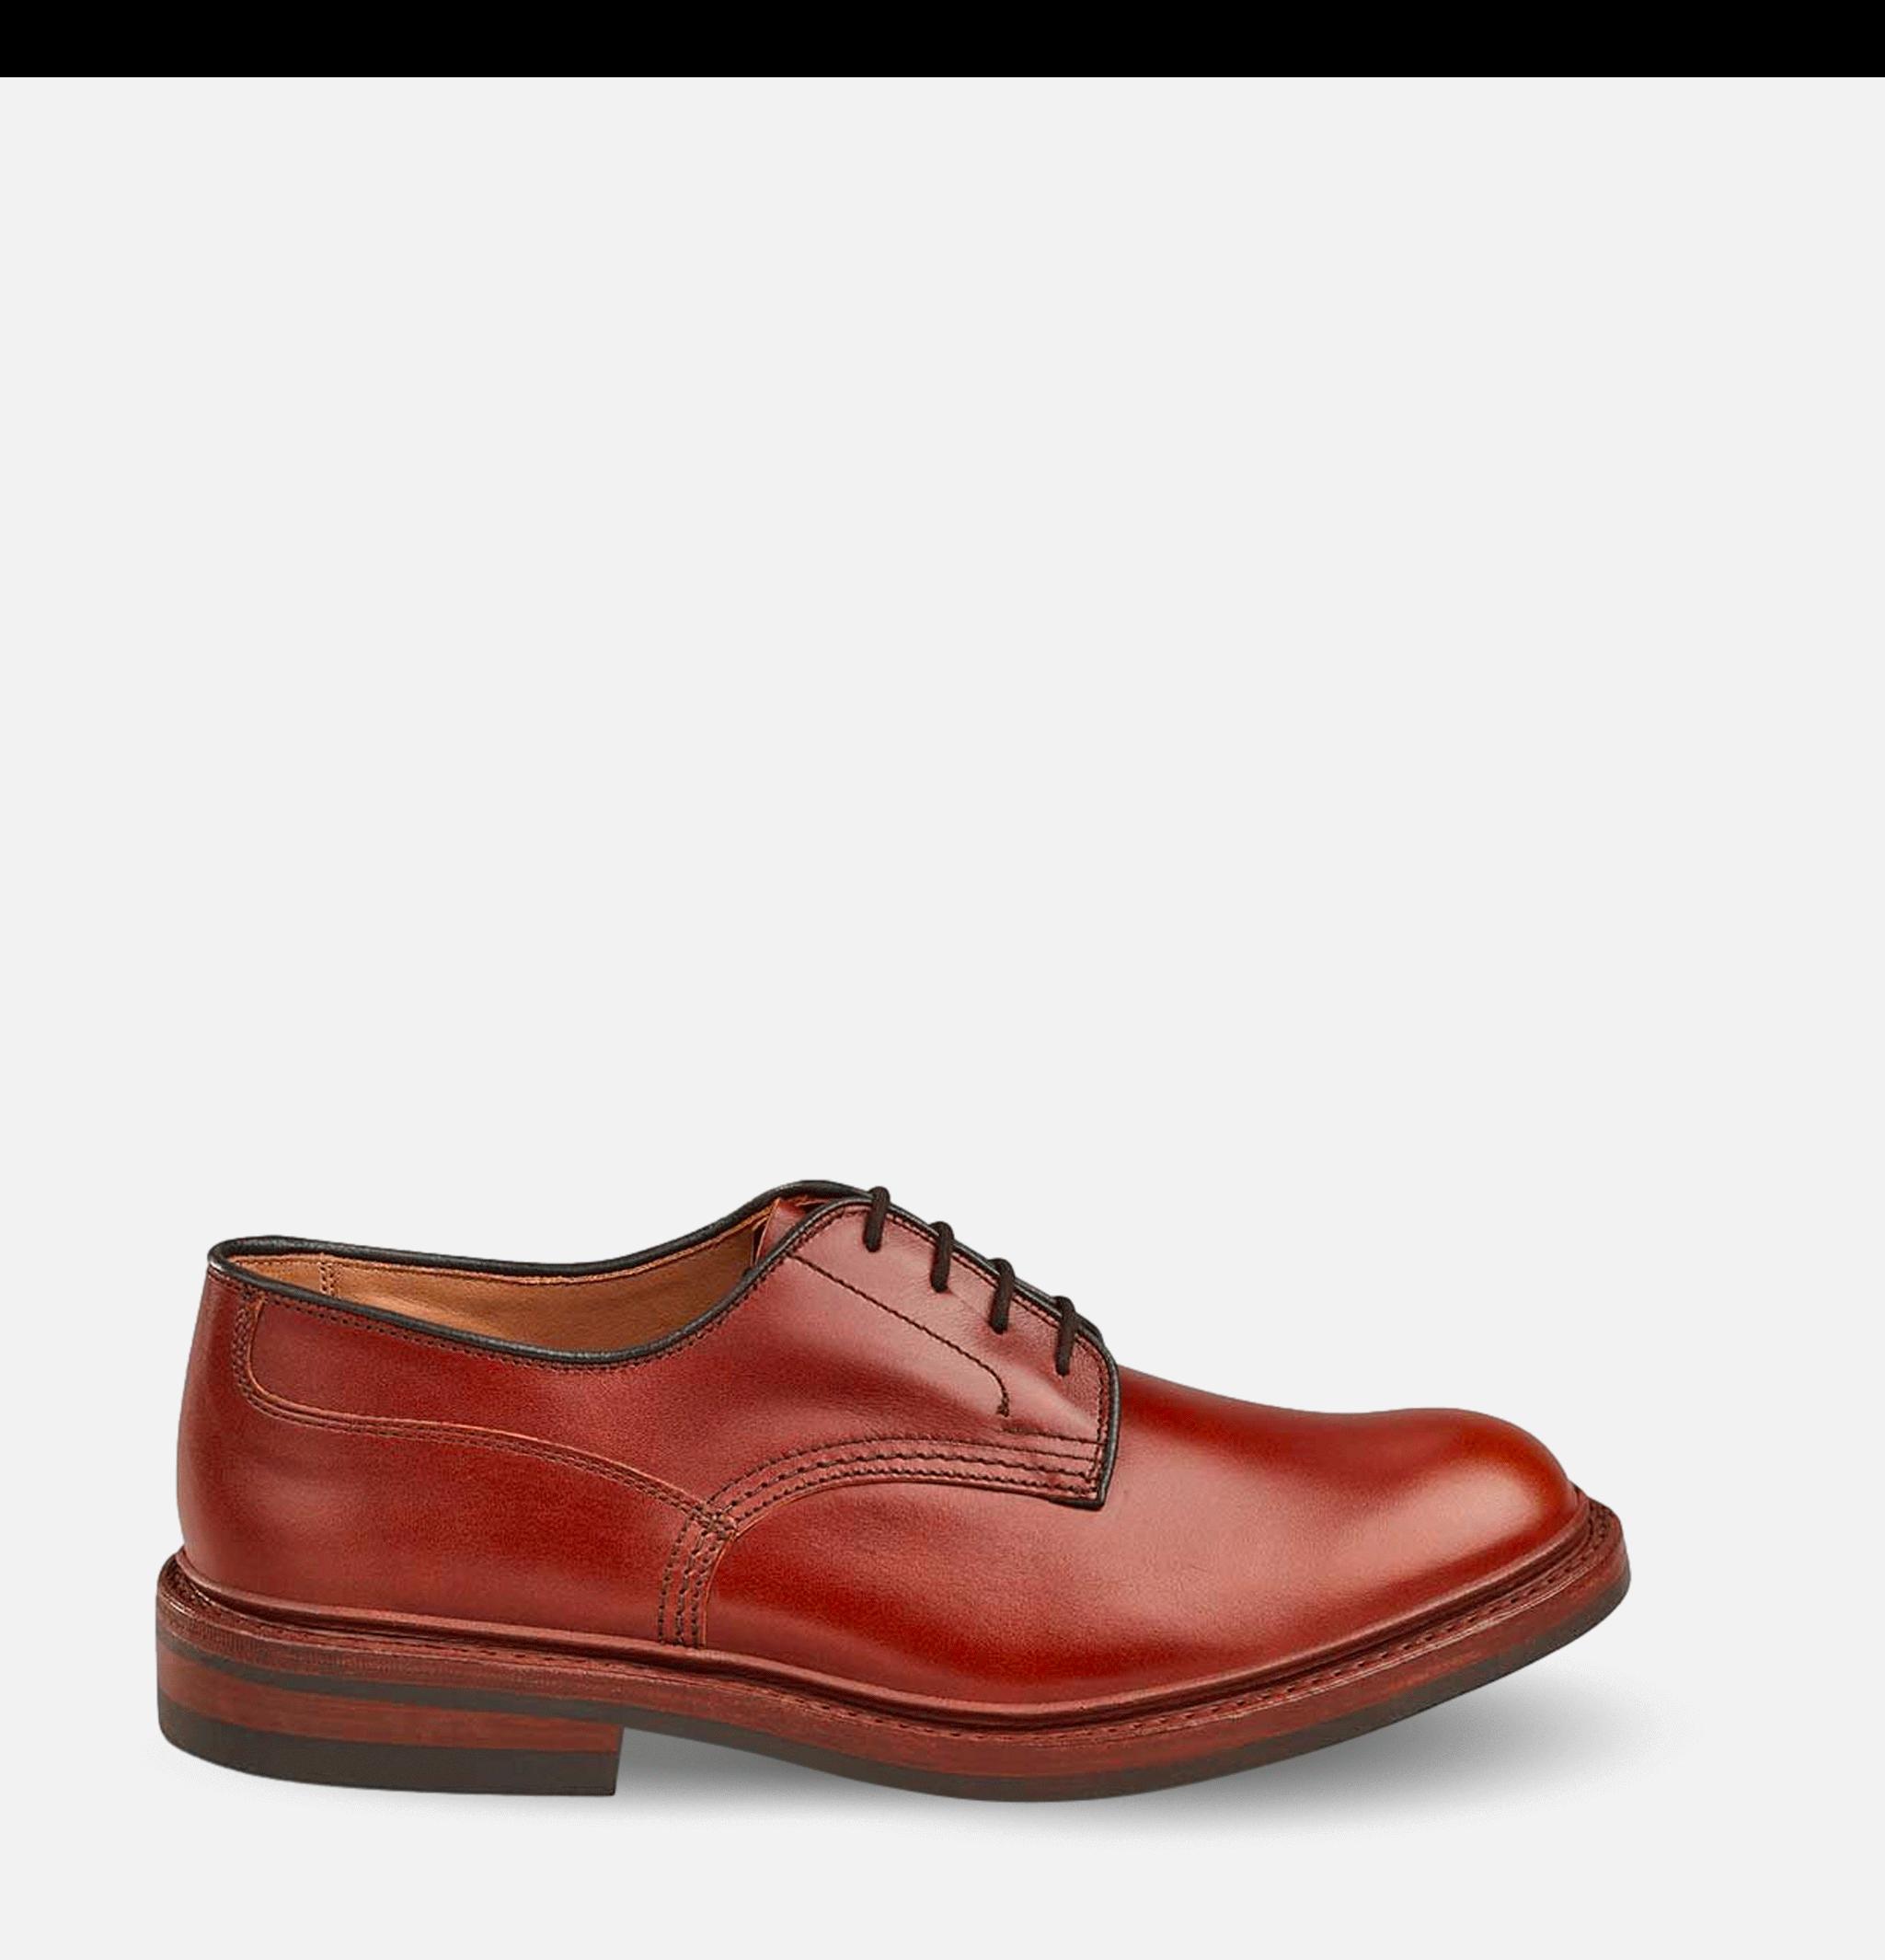 Chaussures Woodstock Marron